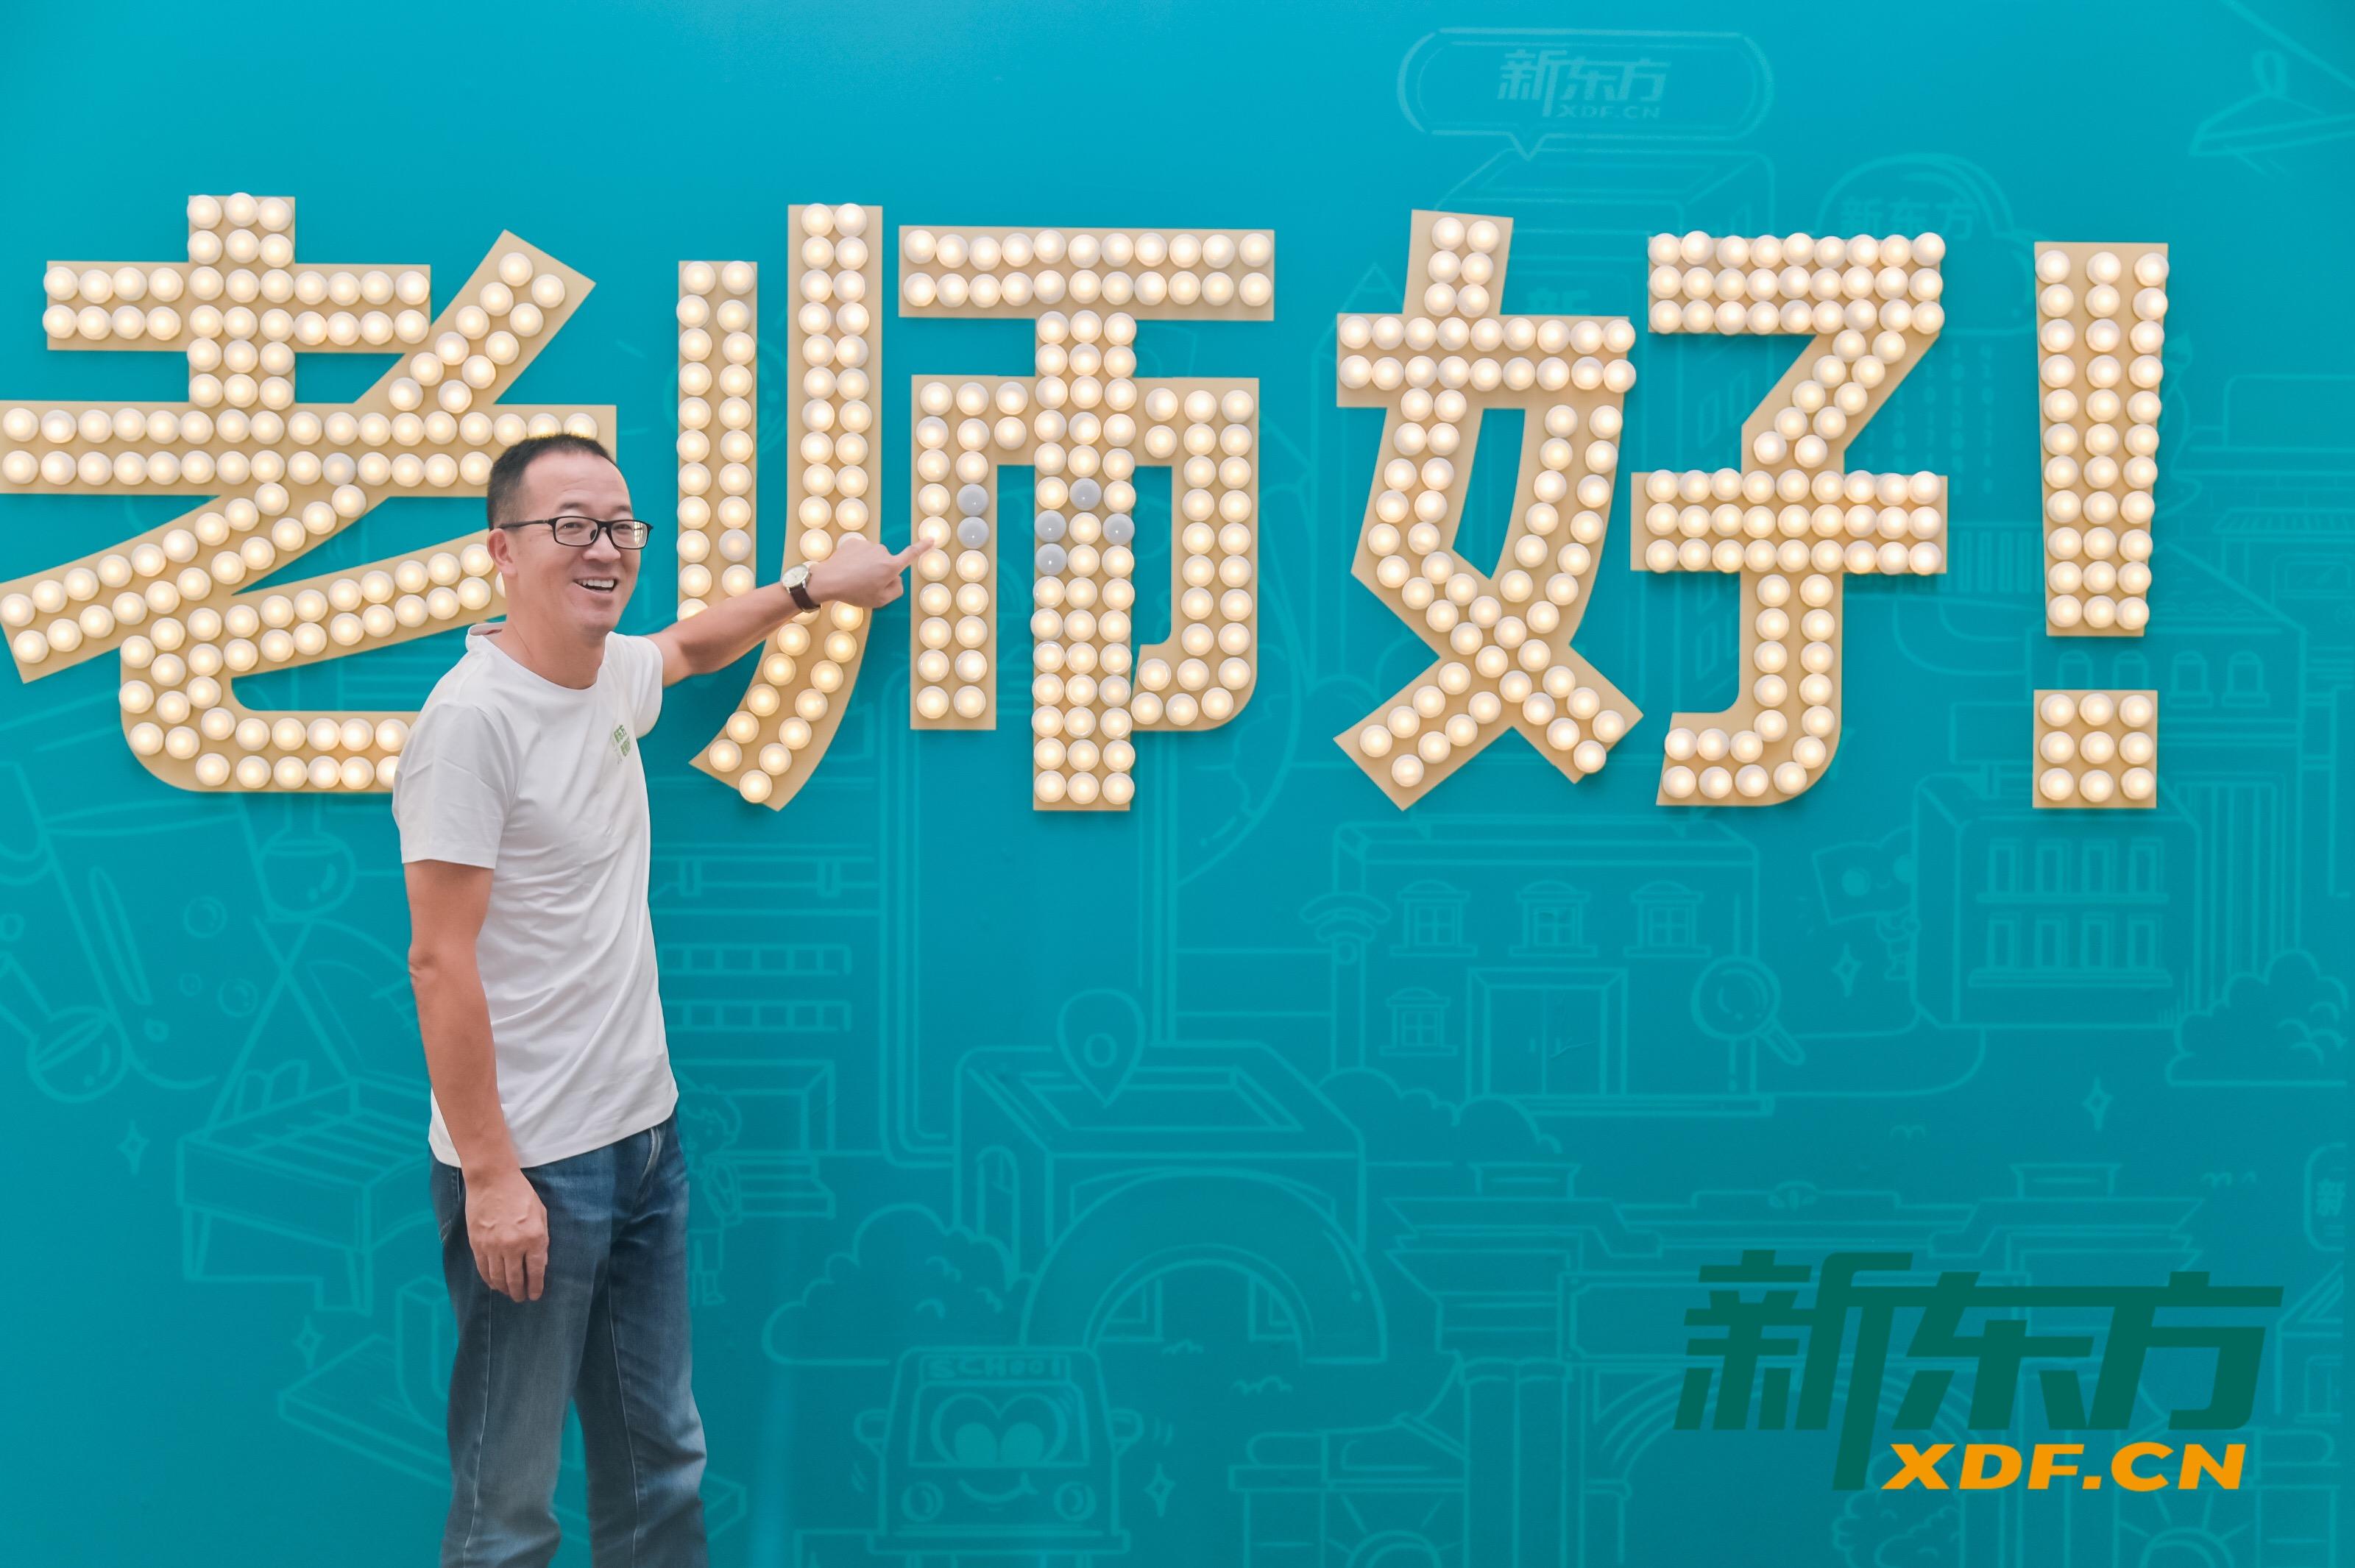 """品牌升级强调师资,俞敏洪:""""新东方,老师好""""是最重要的战略布局"""